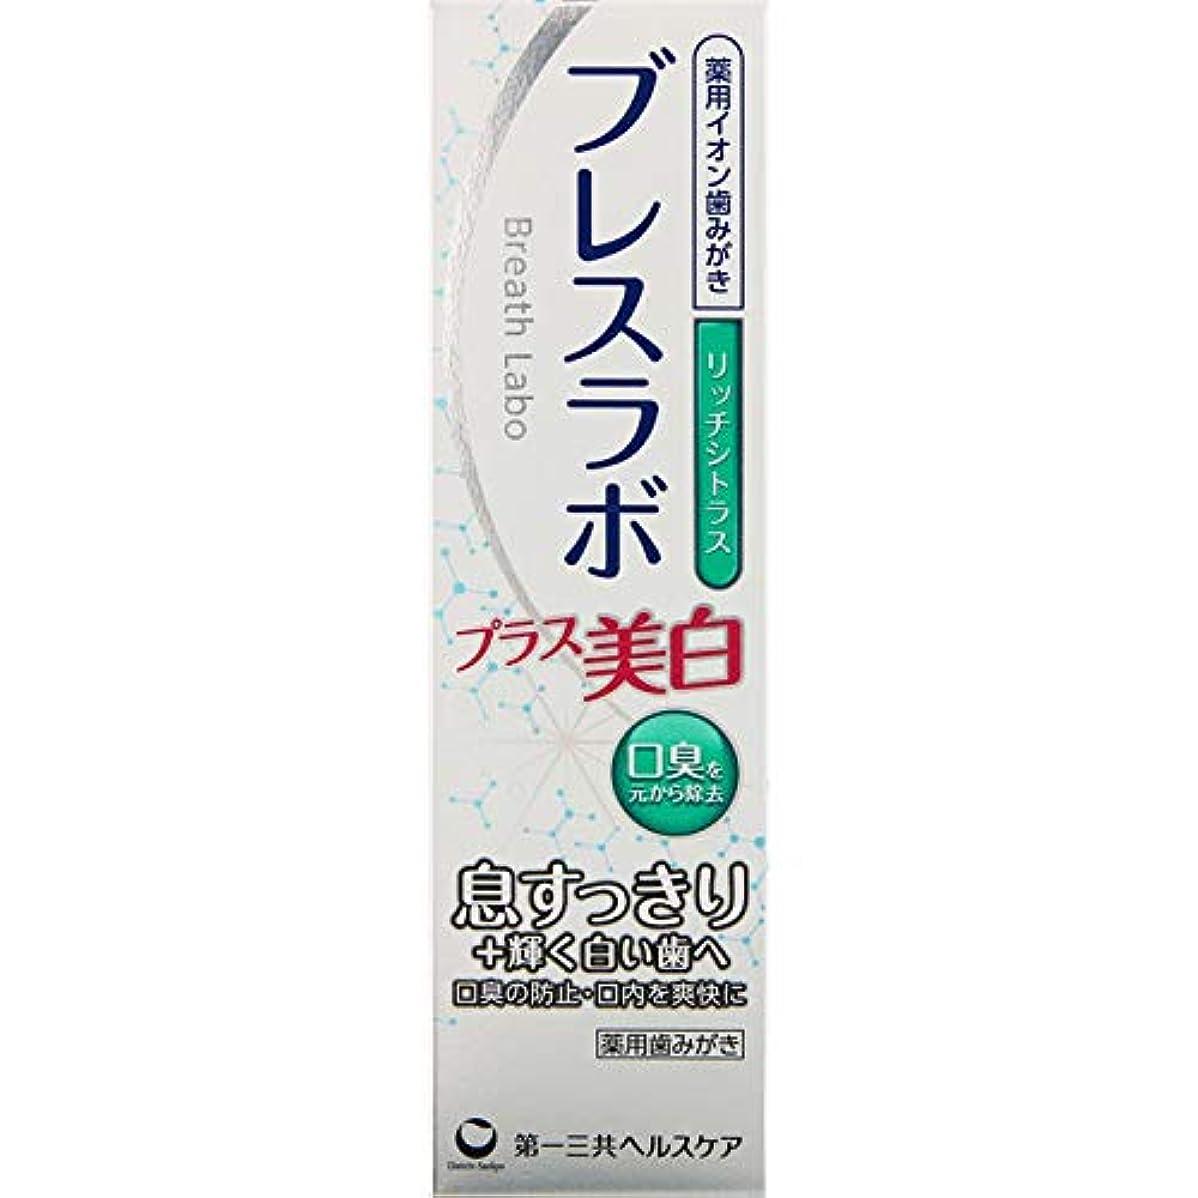 氷憤るエンディング【4個セット】ブレスラボ プラス美白 リッチシトラス 90g